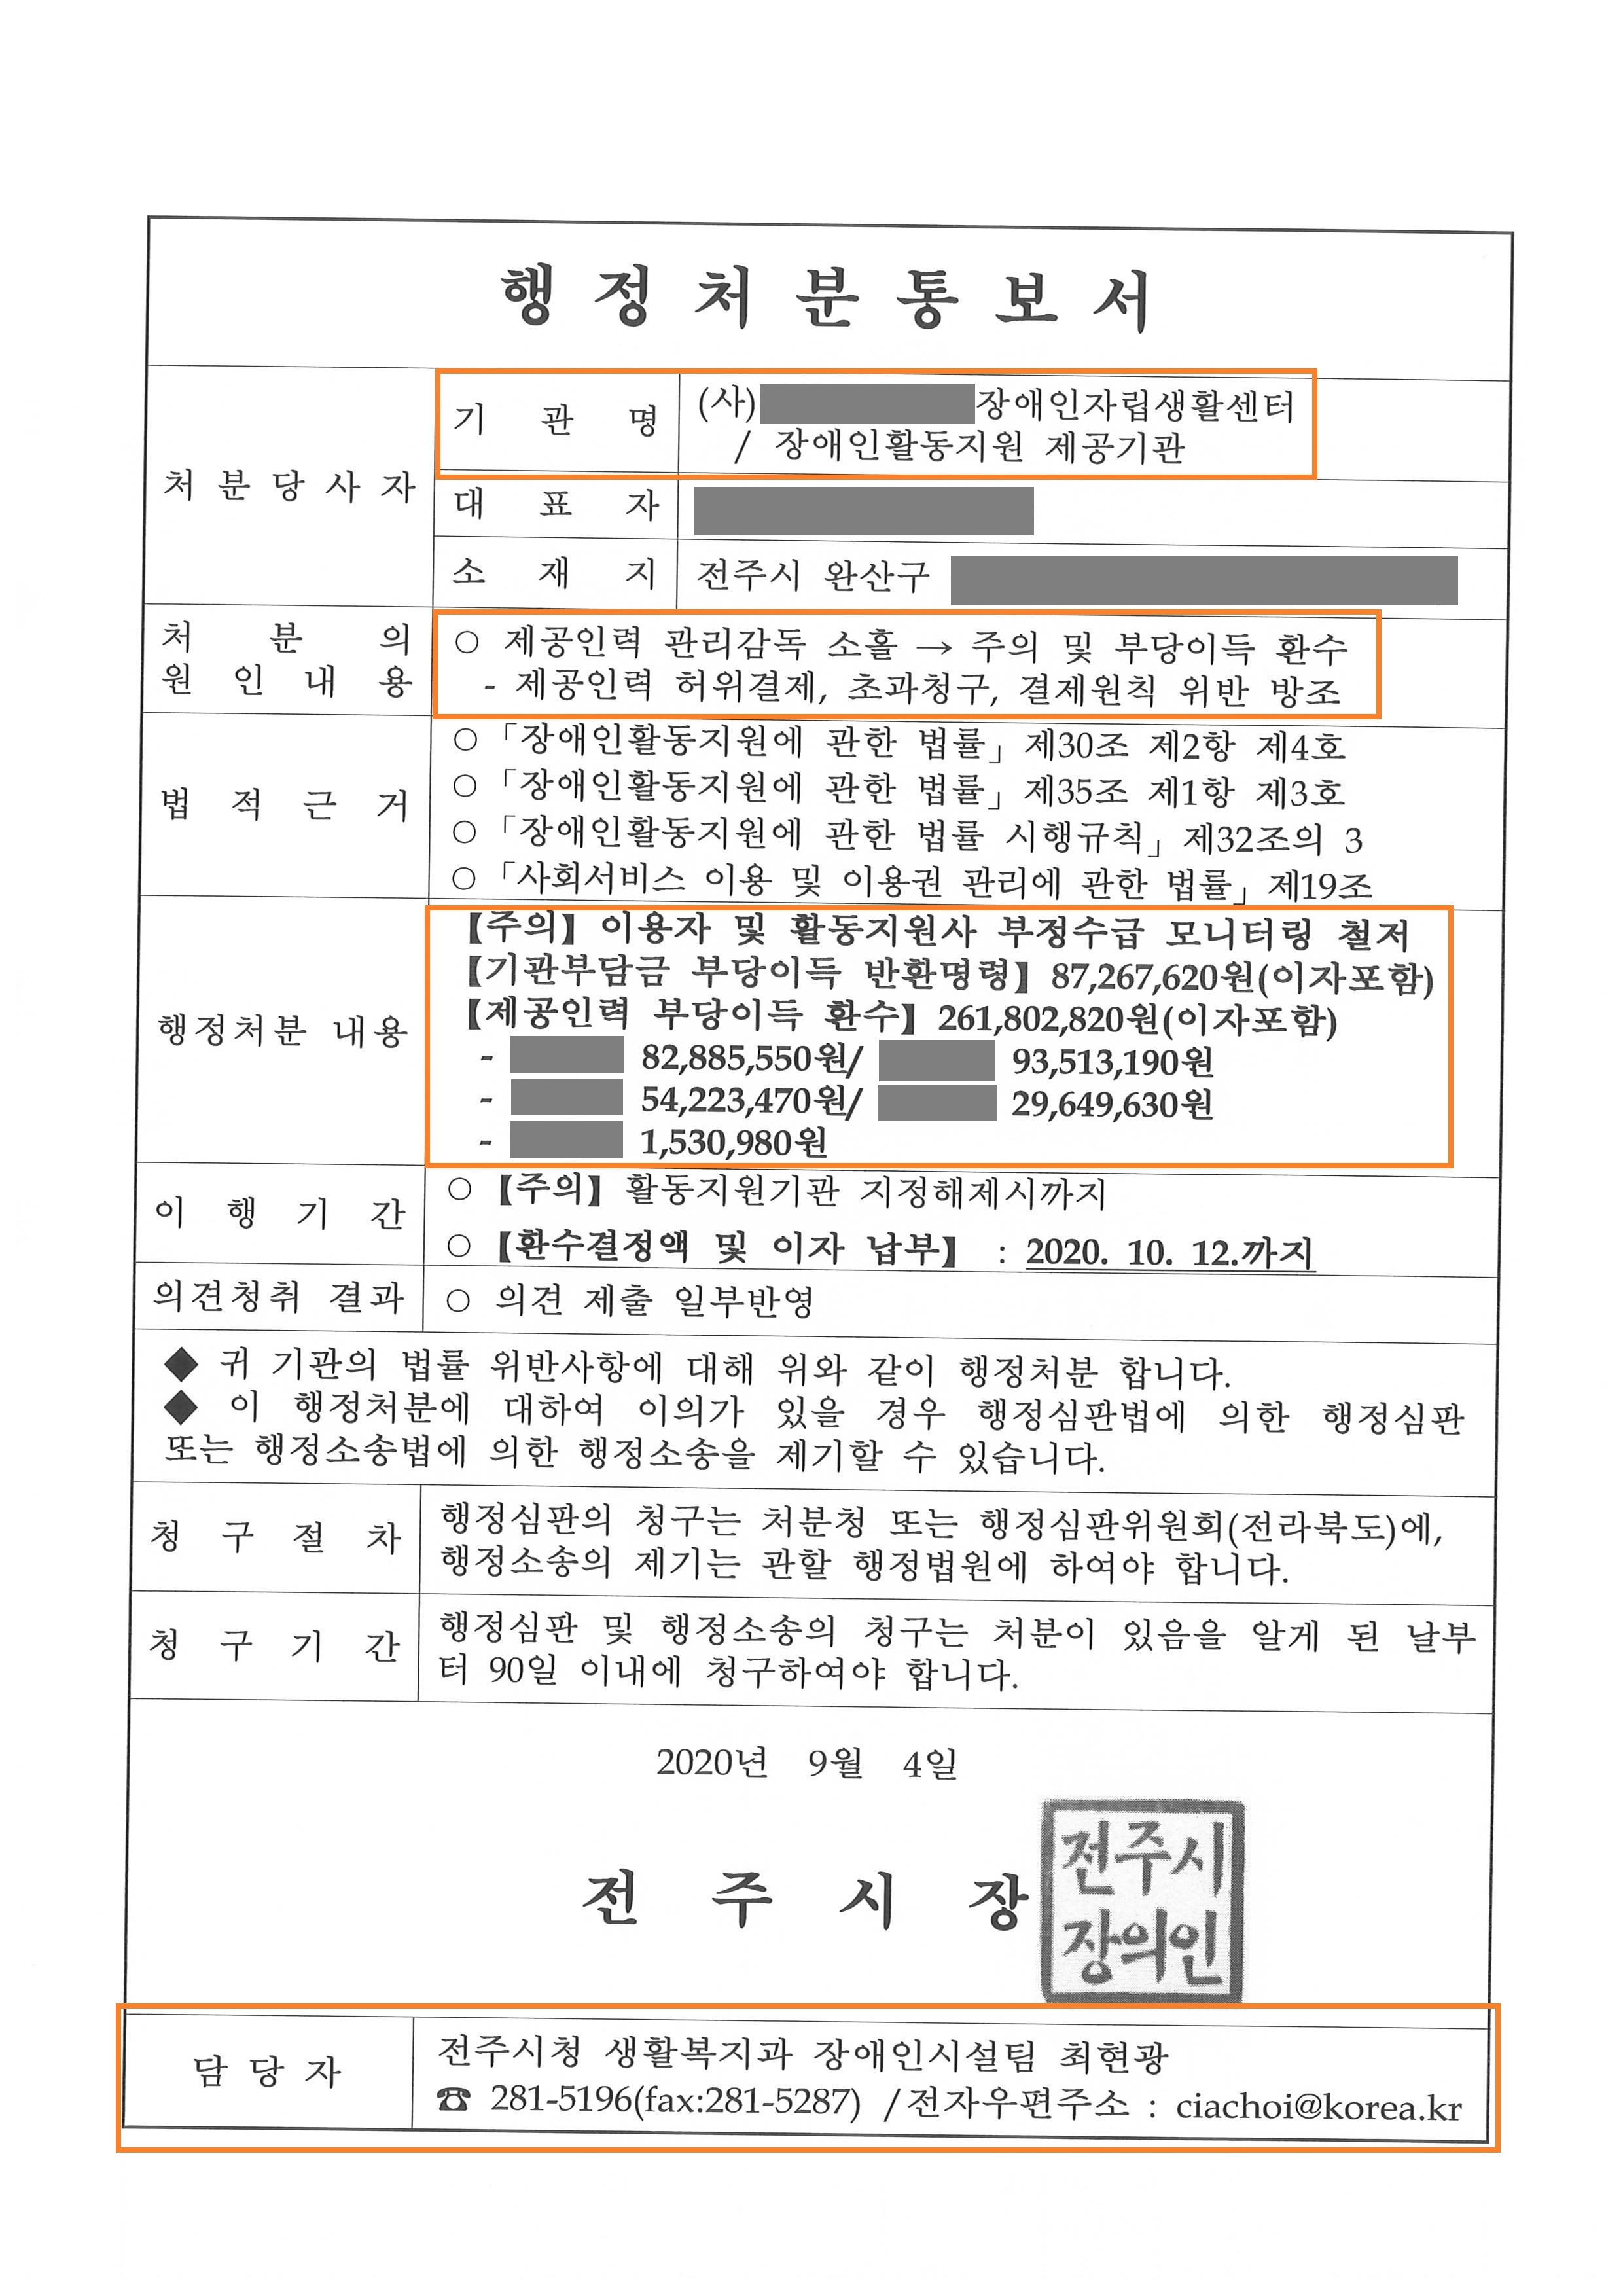 처분관련 정보공개(작은자)11.10. 평화주민사랑방_페이지_35 - 복사본.jpg